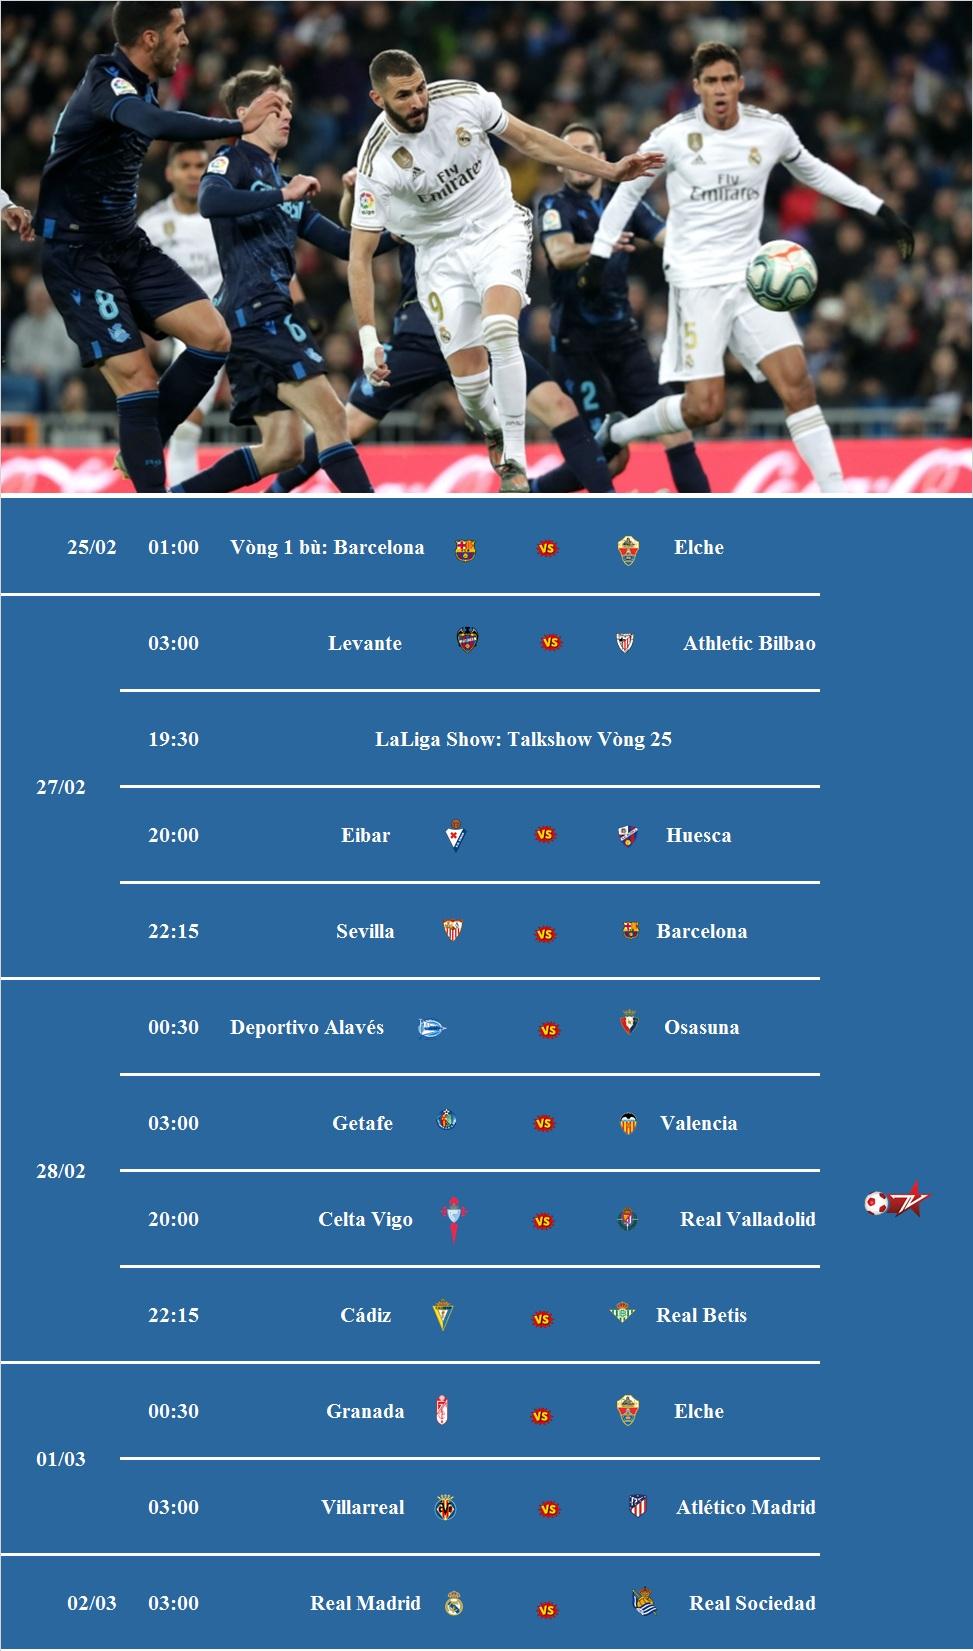 Đón xem vòng 25 La Liga 2020/21 trên VTVcab